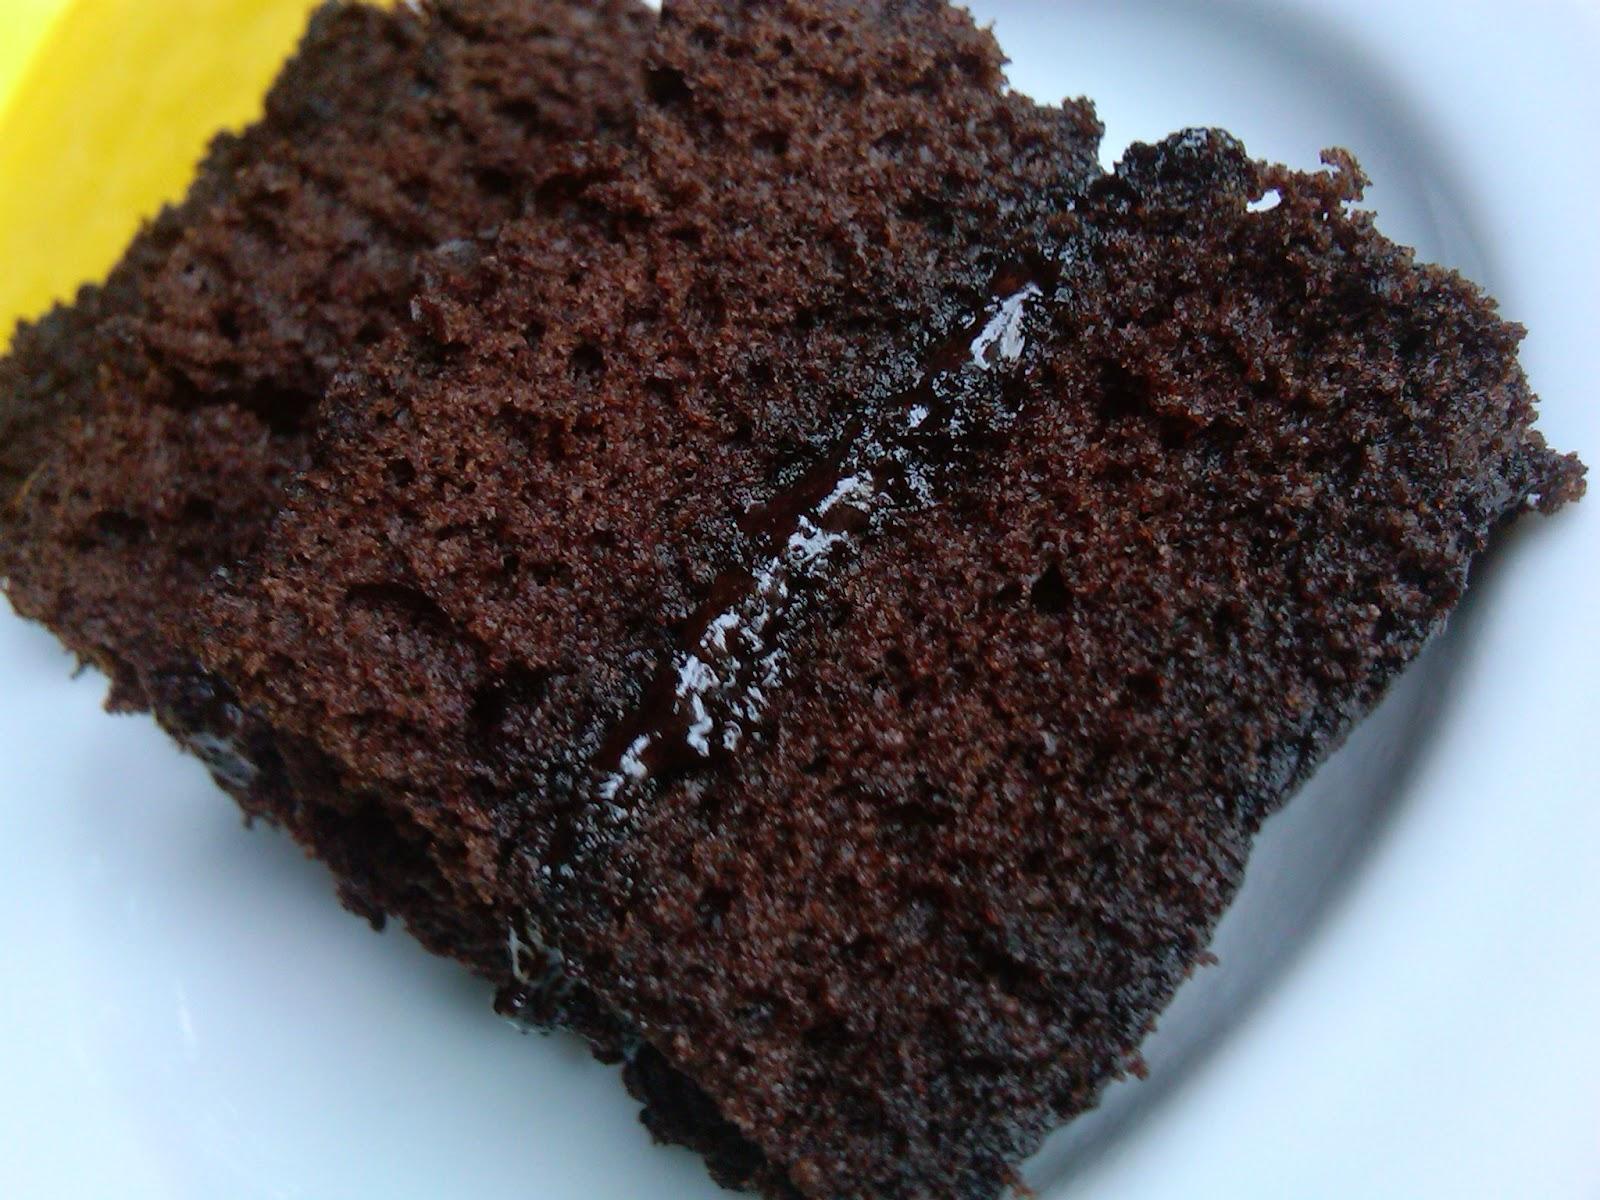 Resep Cara Membuat Brownies Kukus Coklat Sederhana